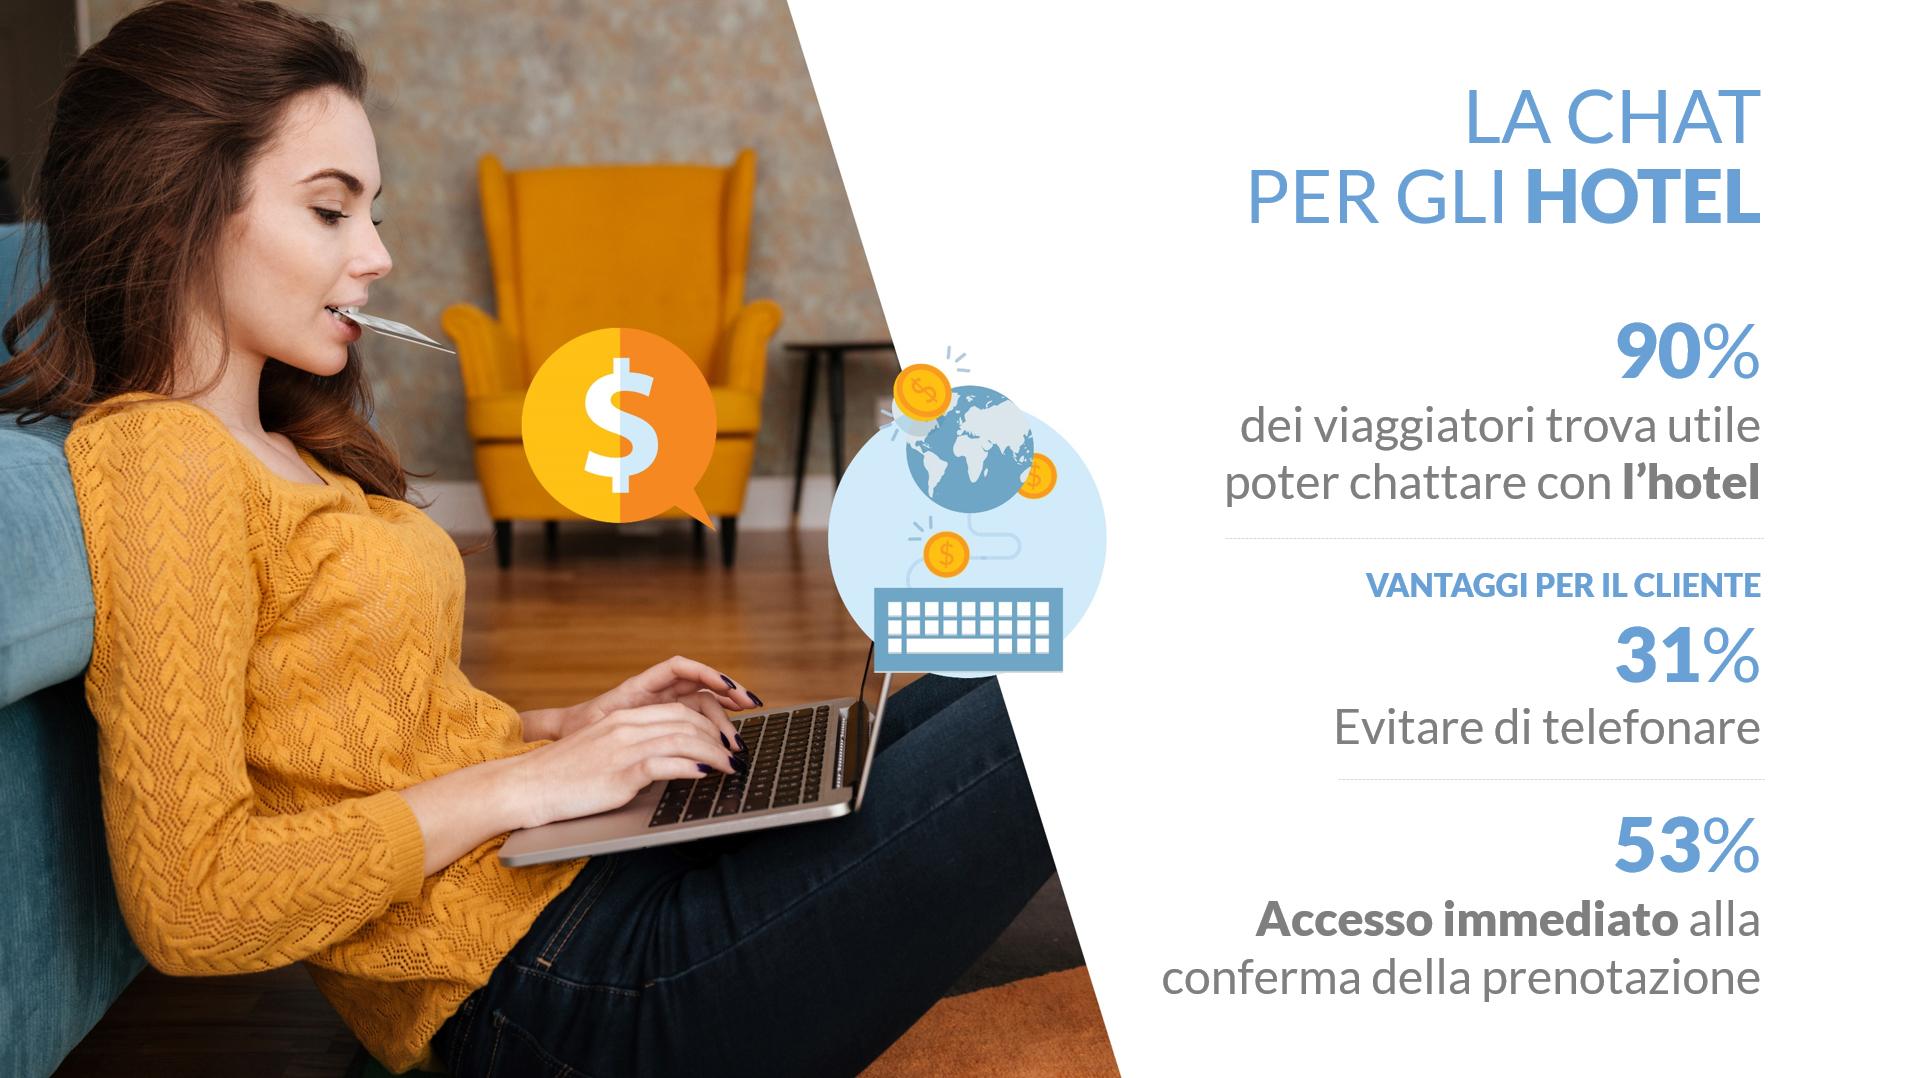 live_chat-per-gli-hotel